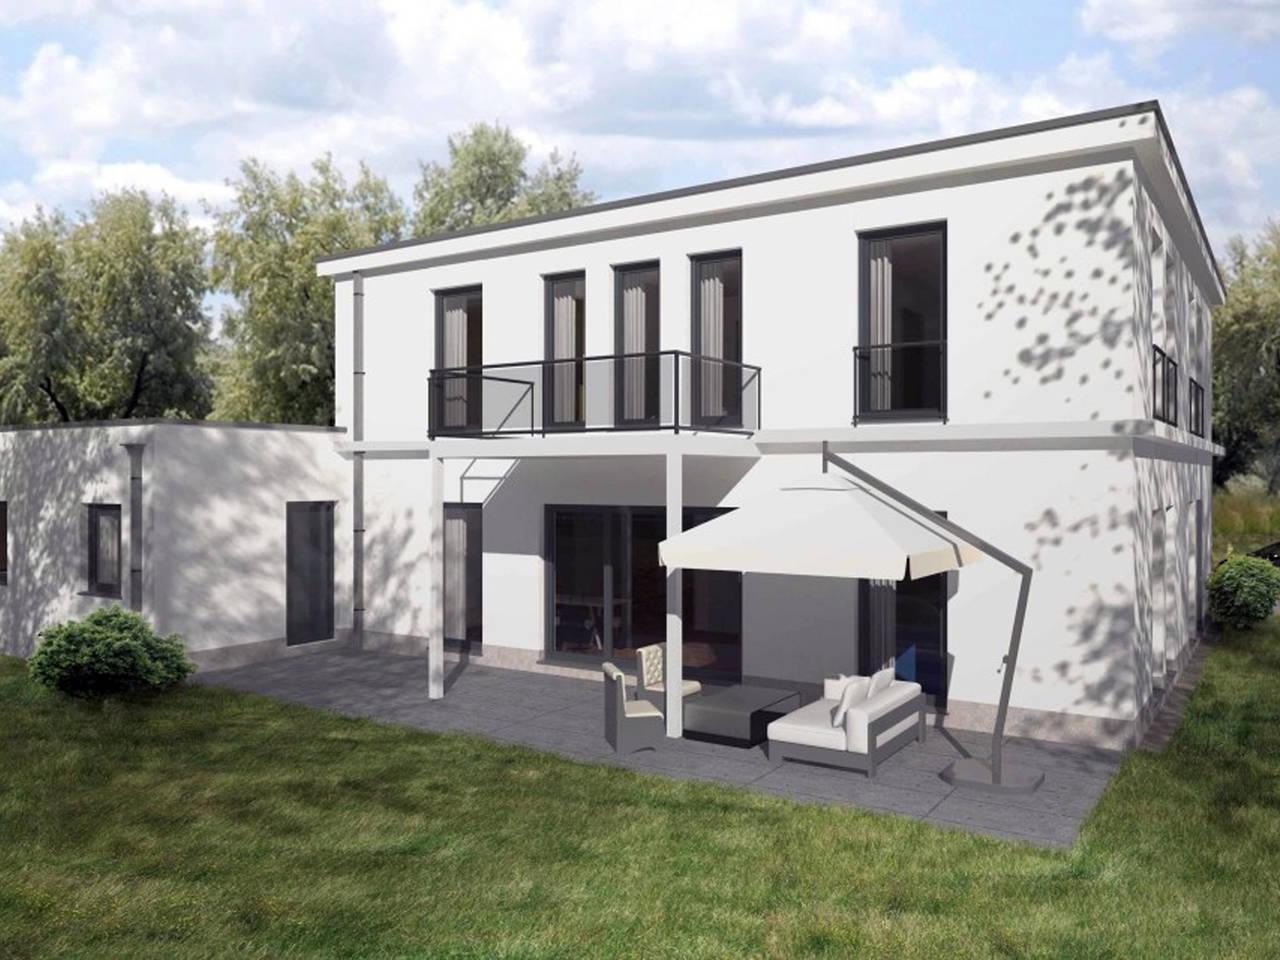 ISAR Haus Baushausstil